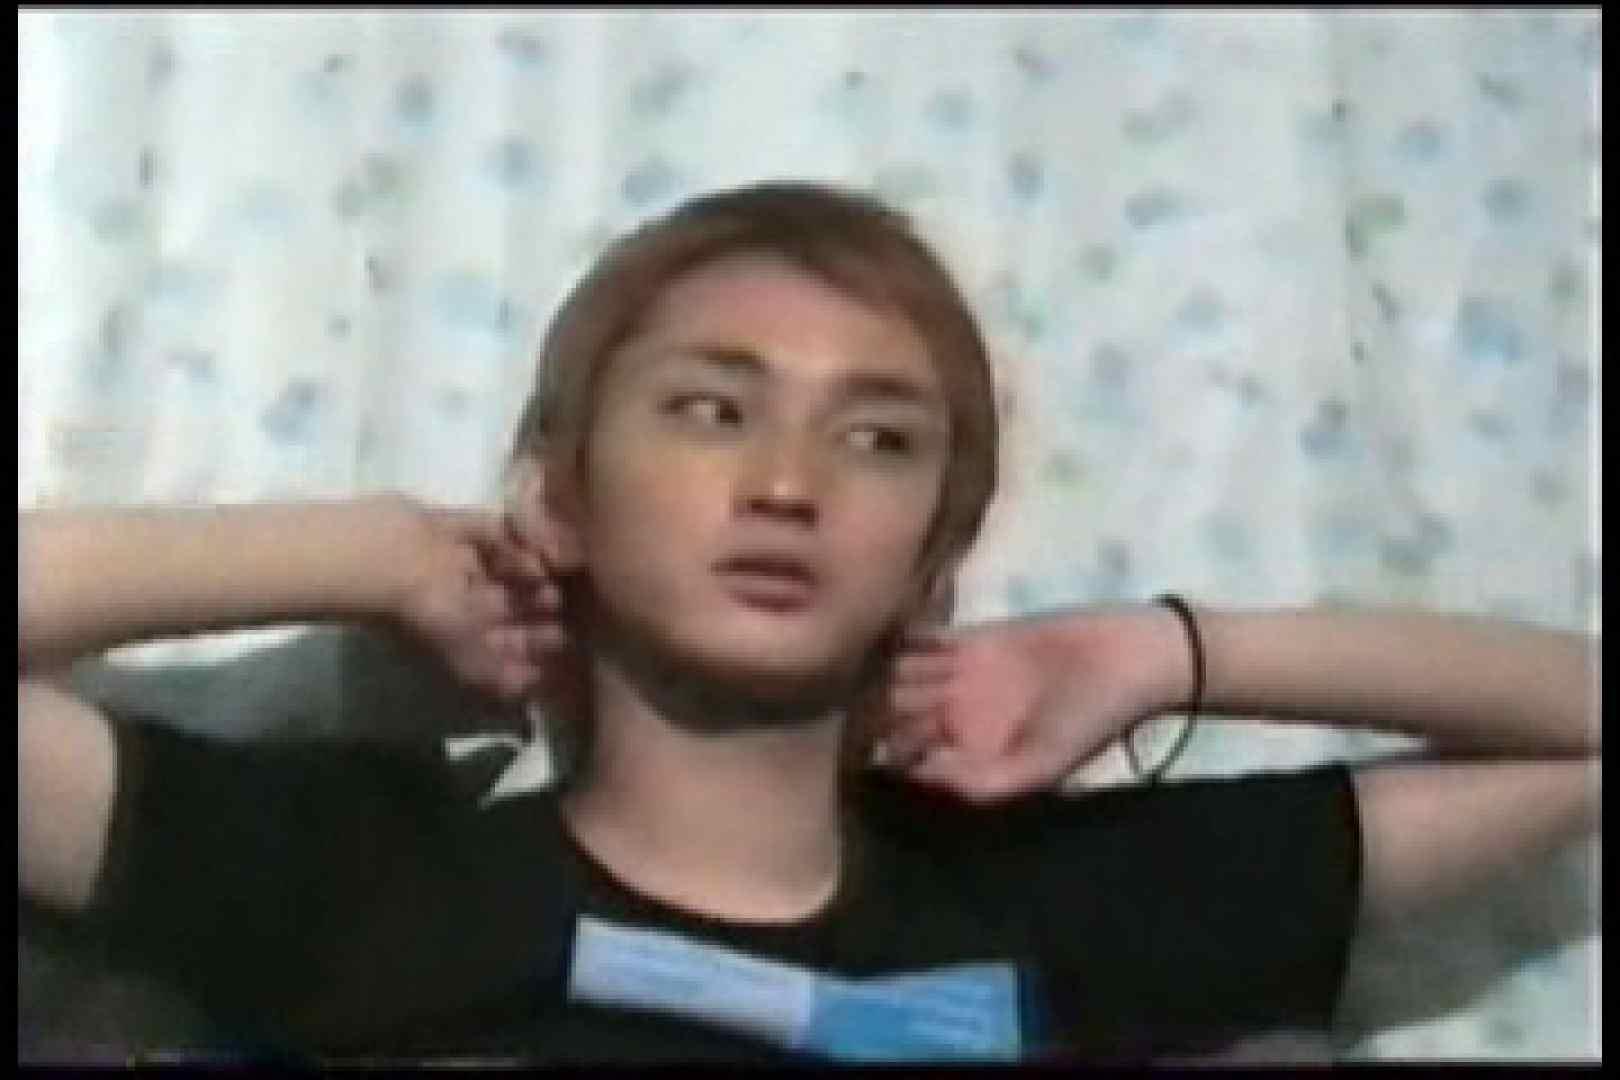 【流出】アイドルを目指したジャニ系イケメンの過去 流出作品 ゲイエロビデオ画像 72pic 38